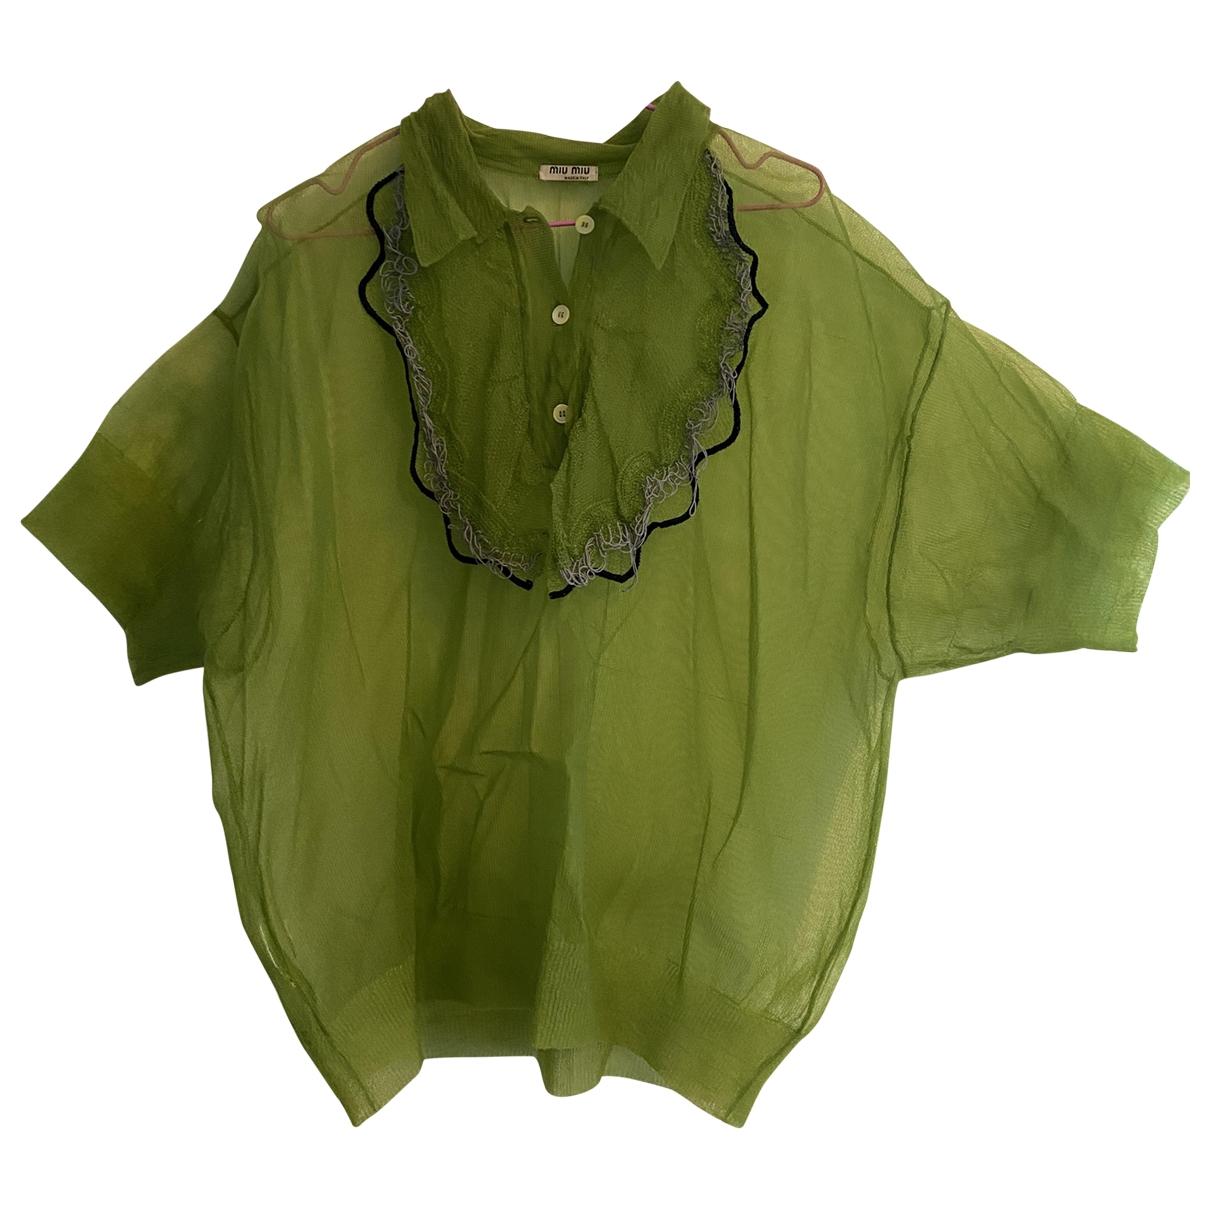 Miu Miu \N Green  top for Women 38 IT